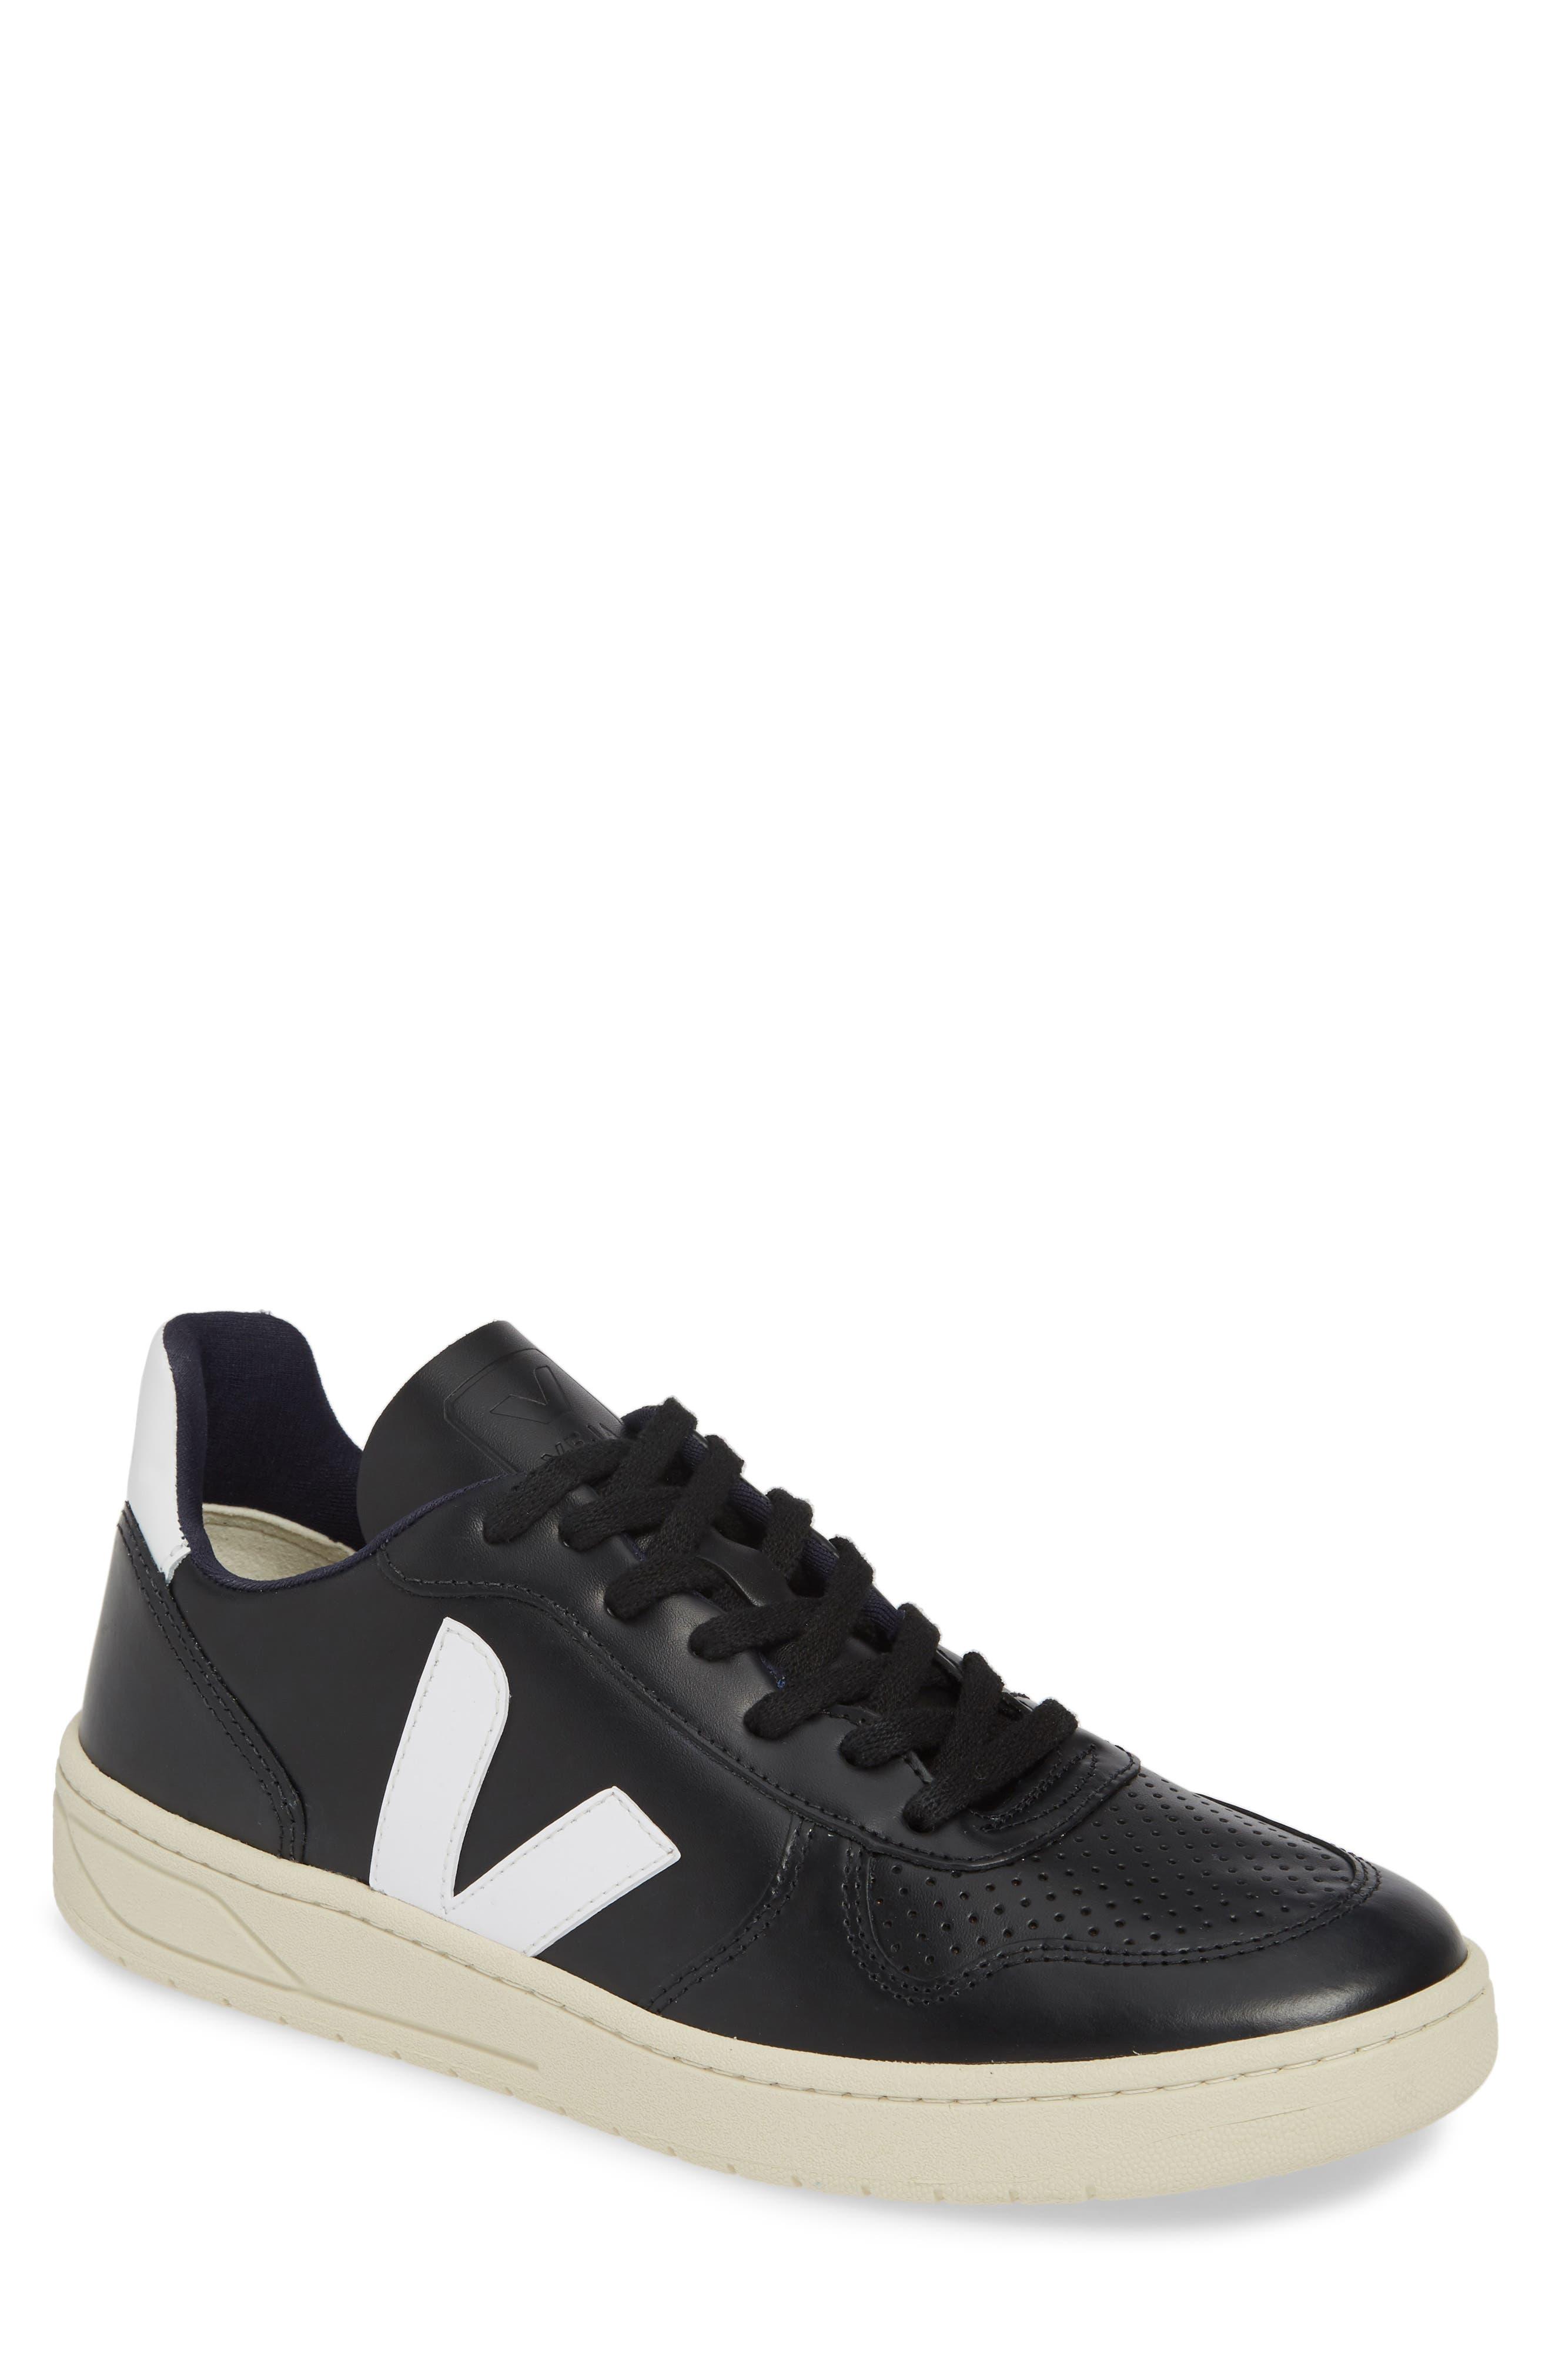 Veja V-10 Sneaker, US / 44EU - Black